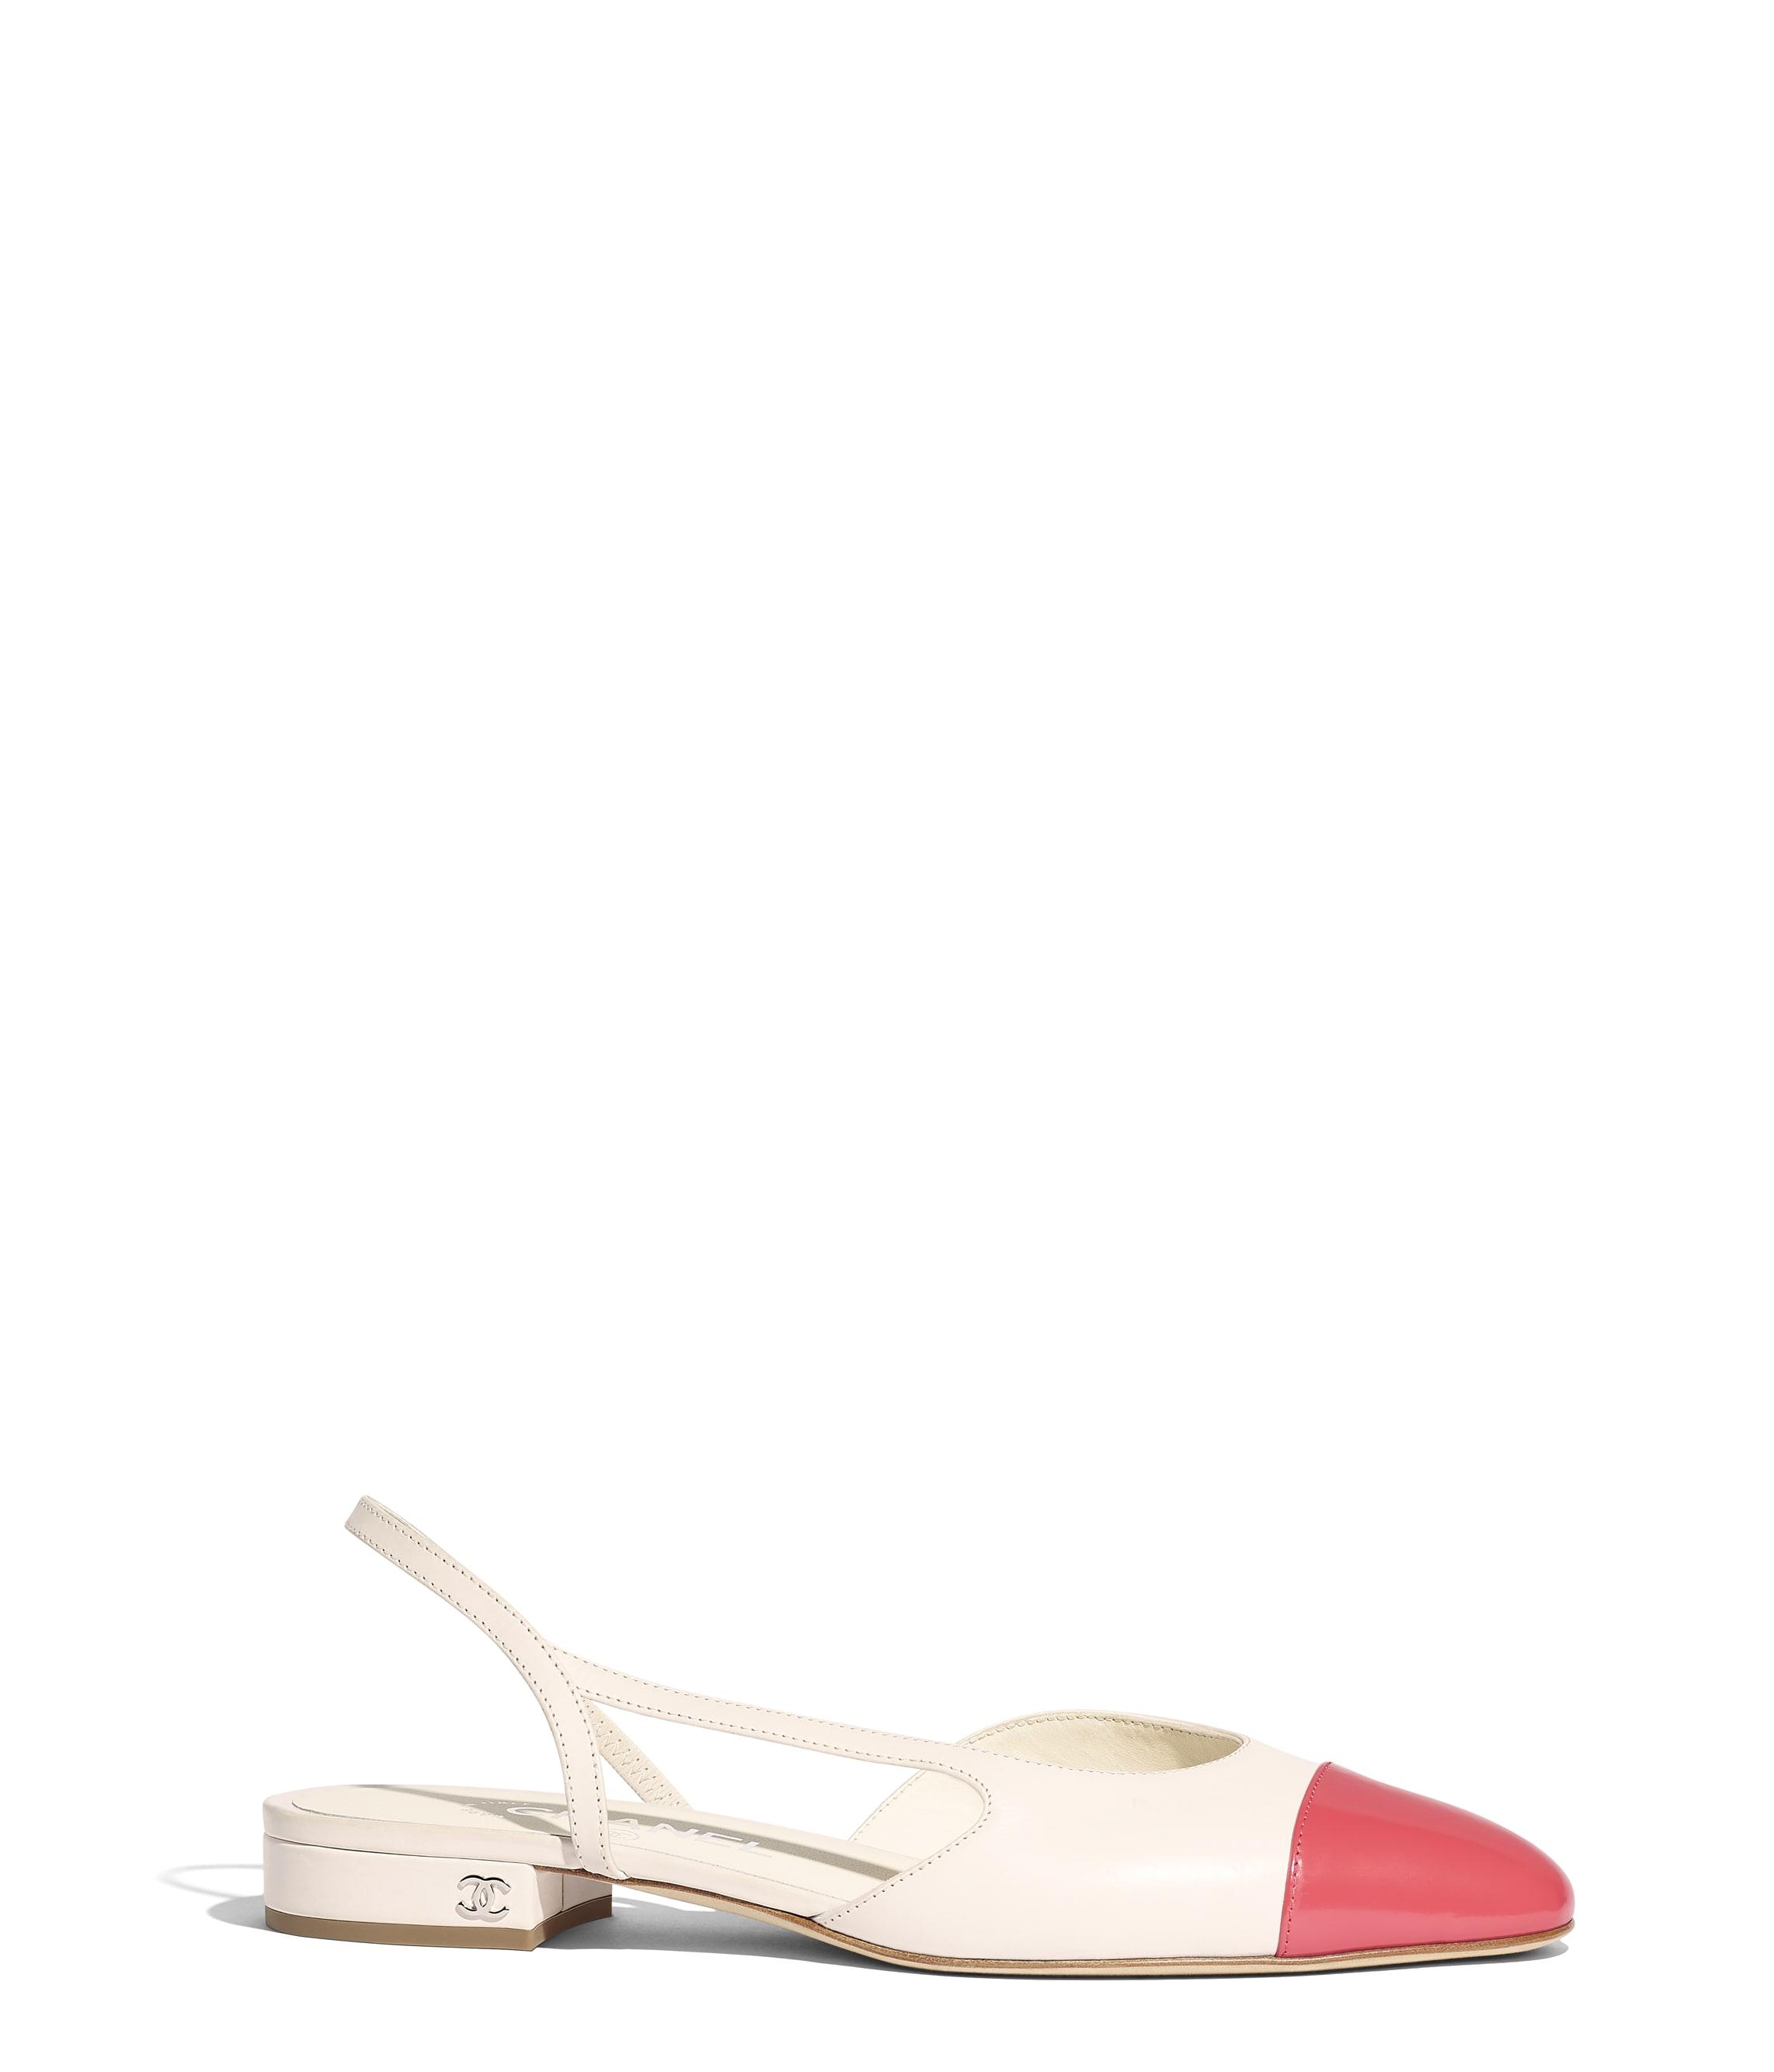 ba52faa10d2 Pumps   Slingbacks - Shoes - CHANEL